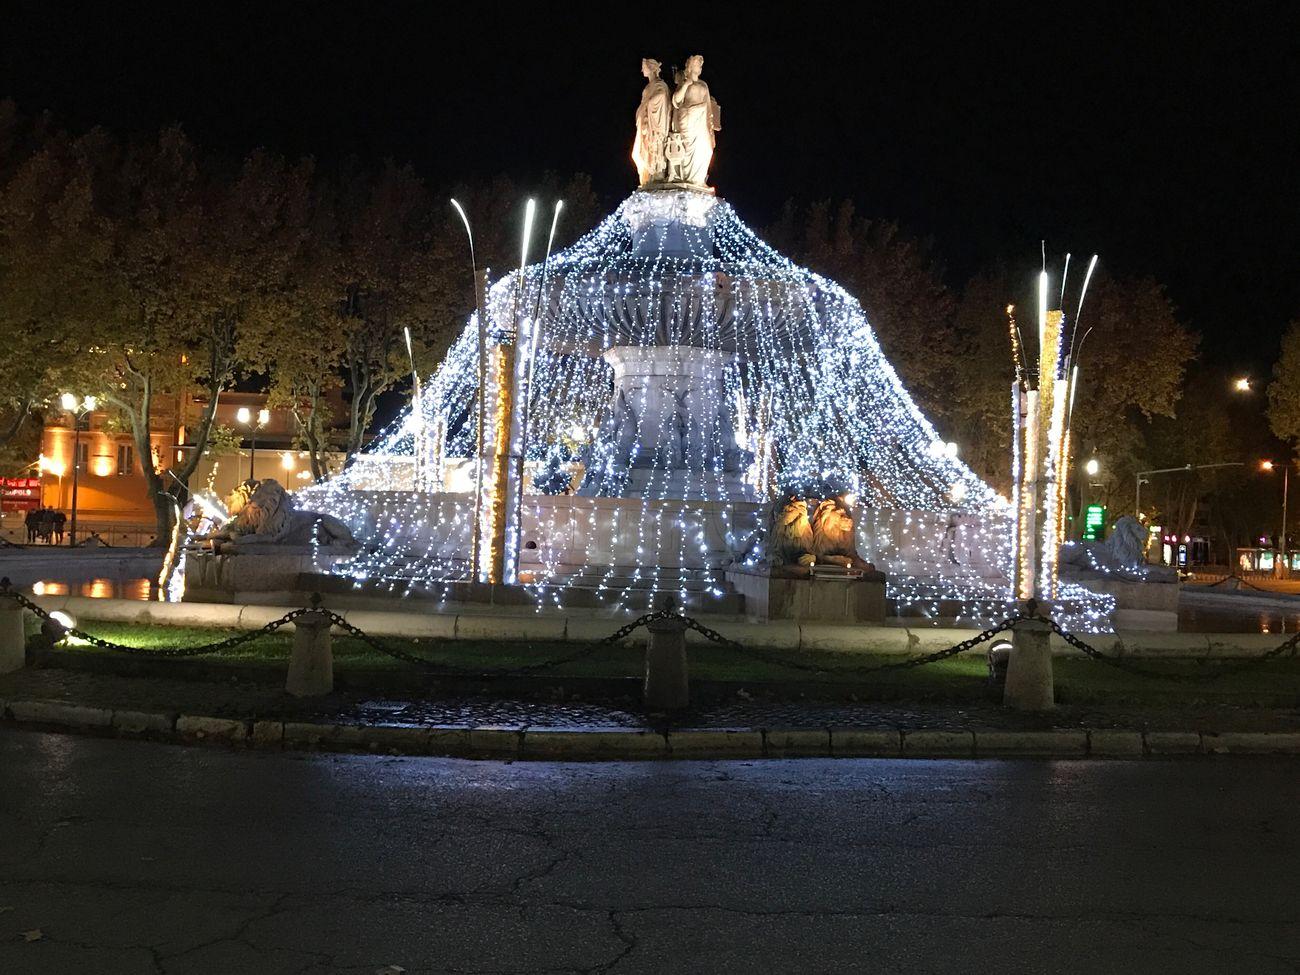 Aix-en-Provence soius le vent bientôt Les Fêtes